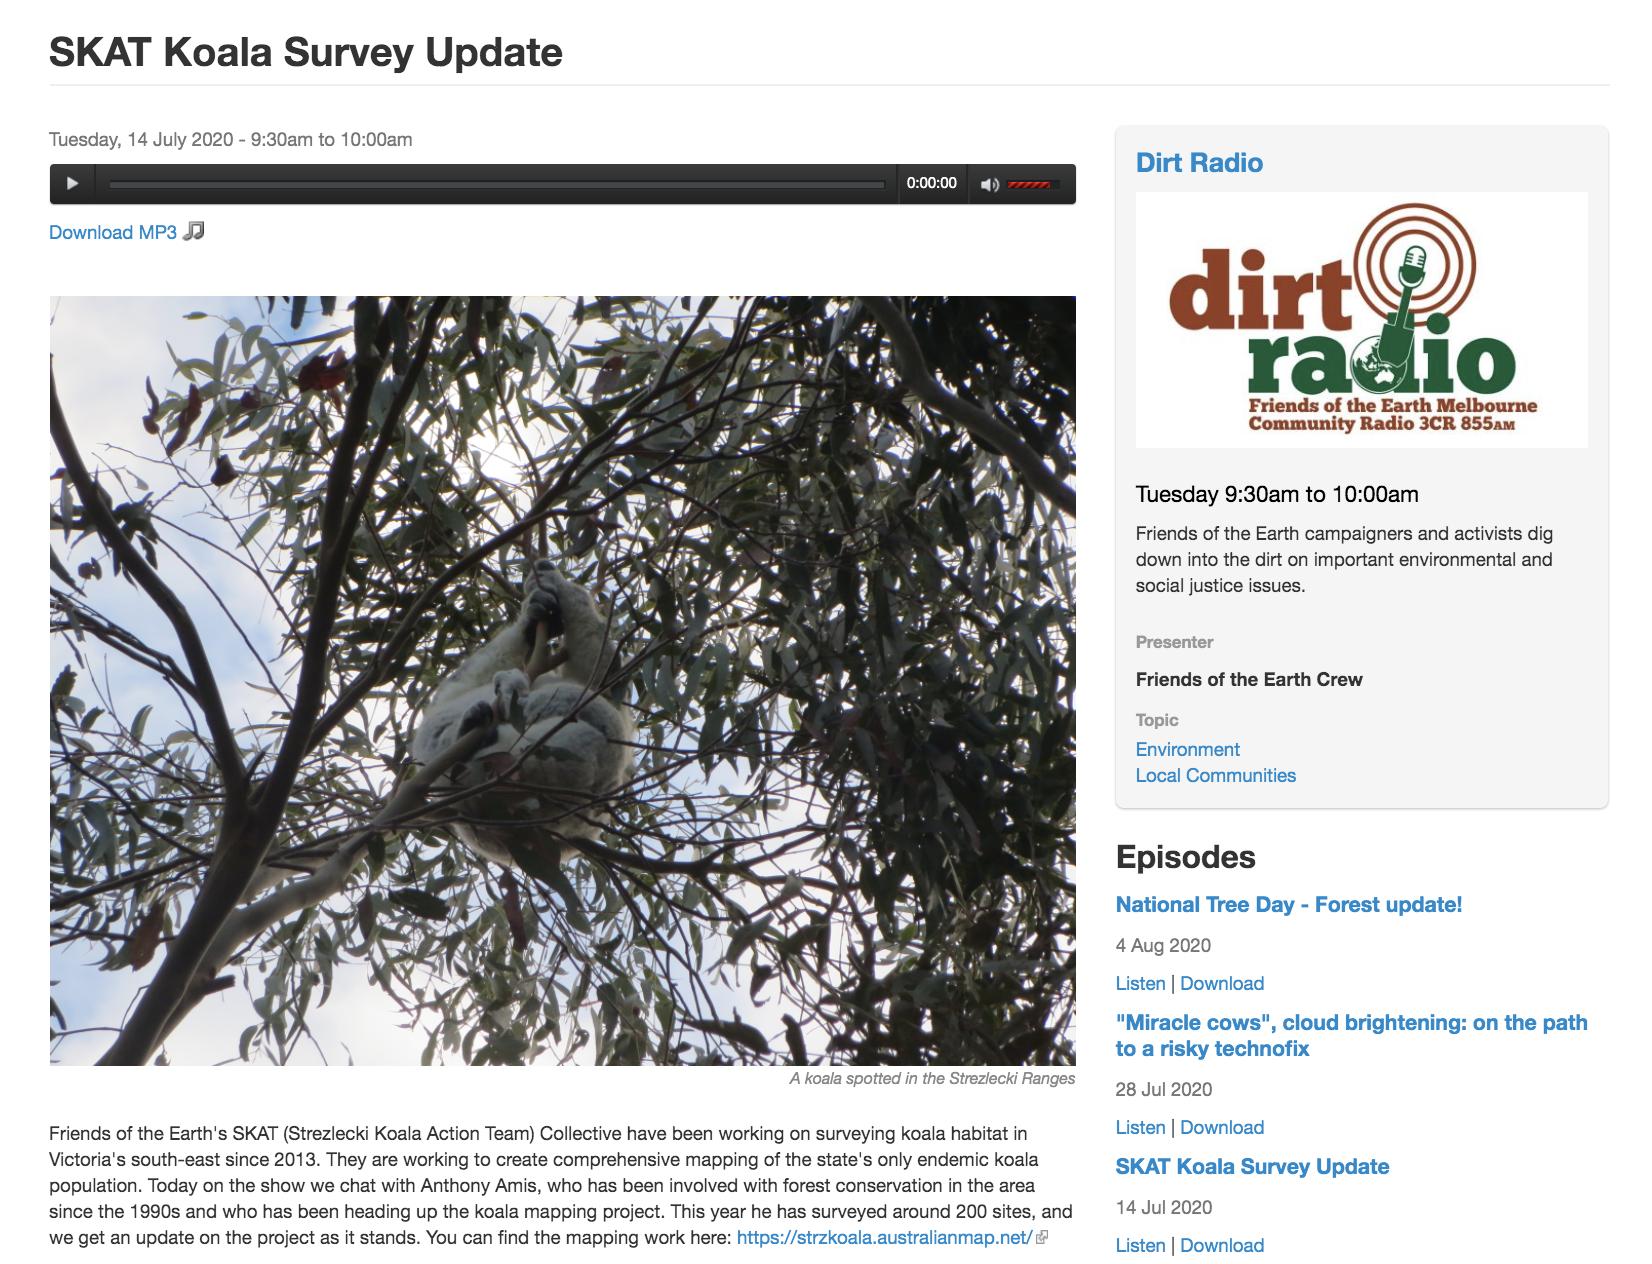 Dirt Radio Koala Update